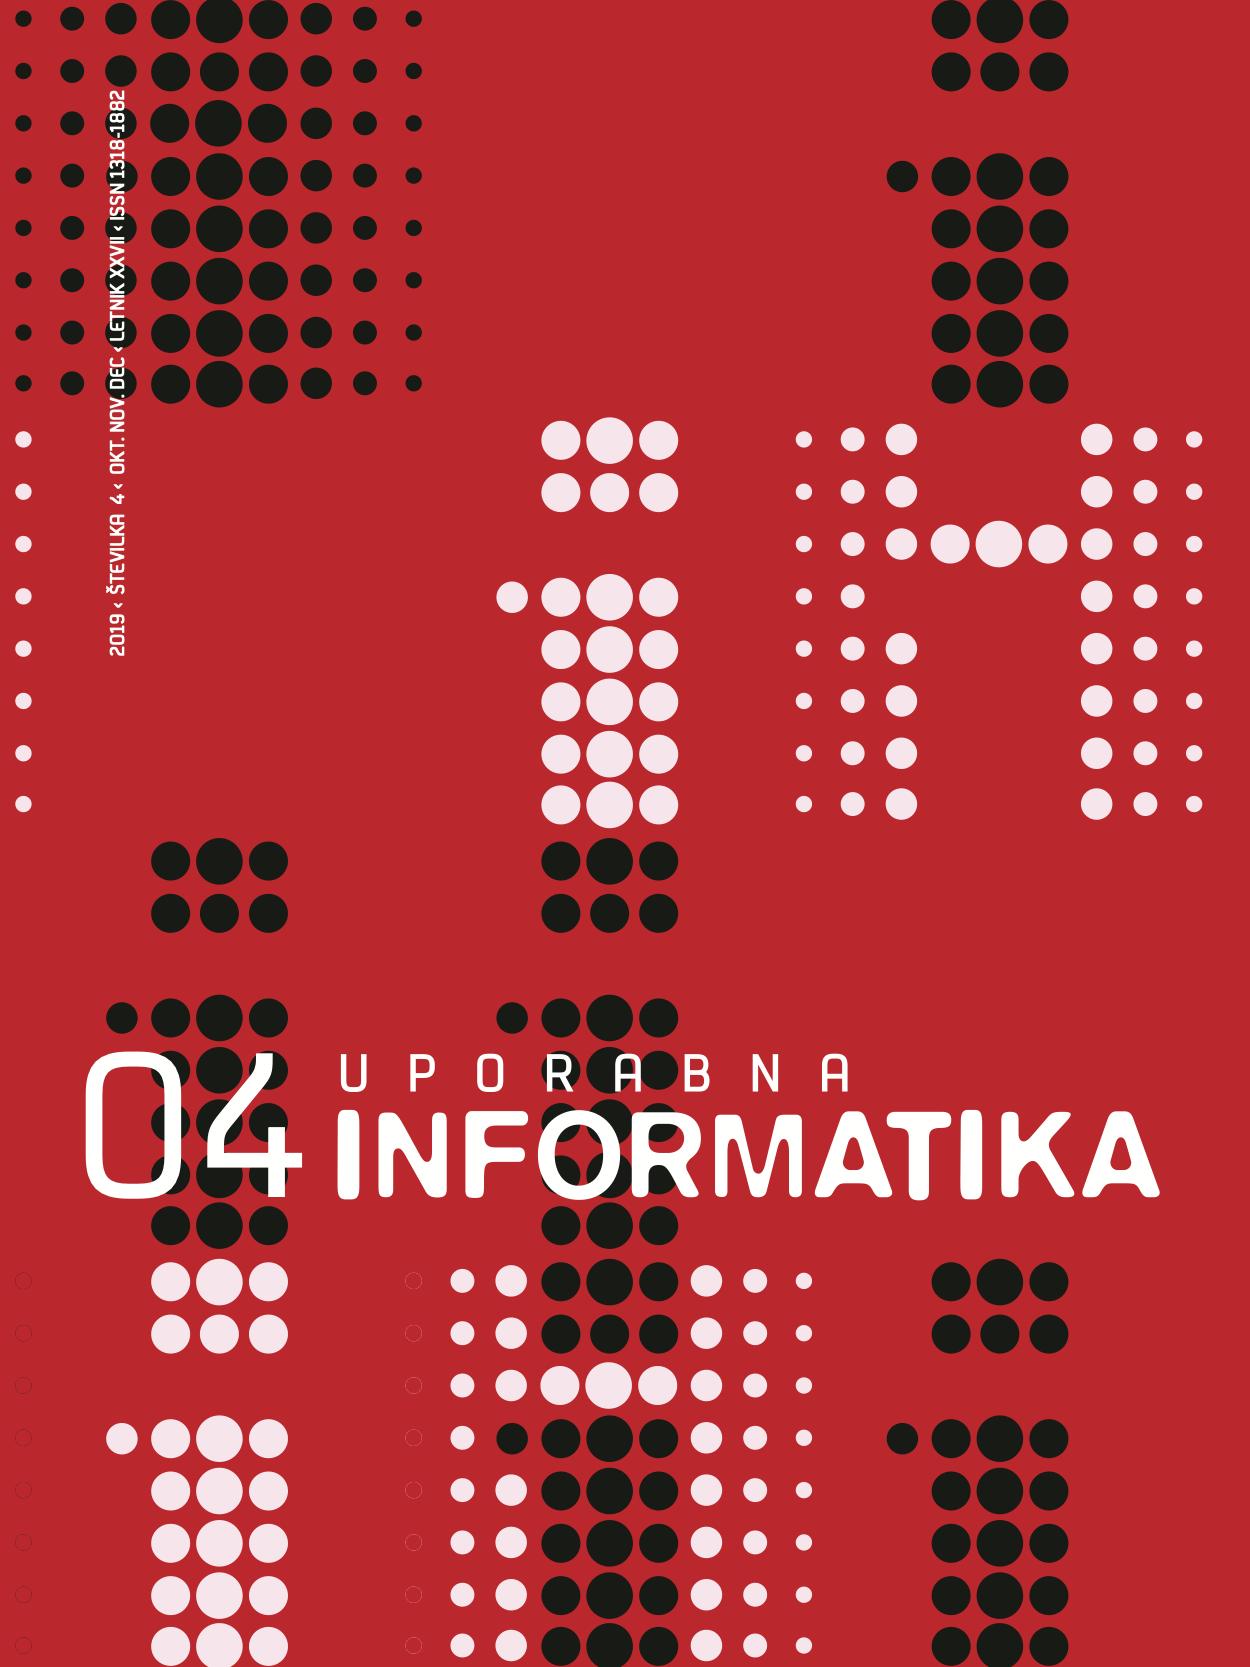 Poglej Letn. 27 Št. 4 (2019): Uporabna informatika